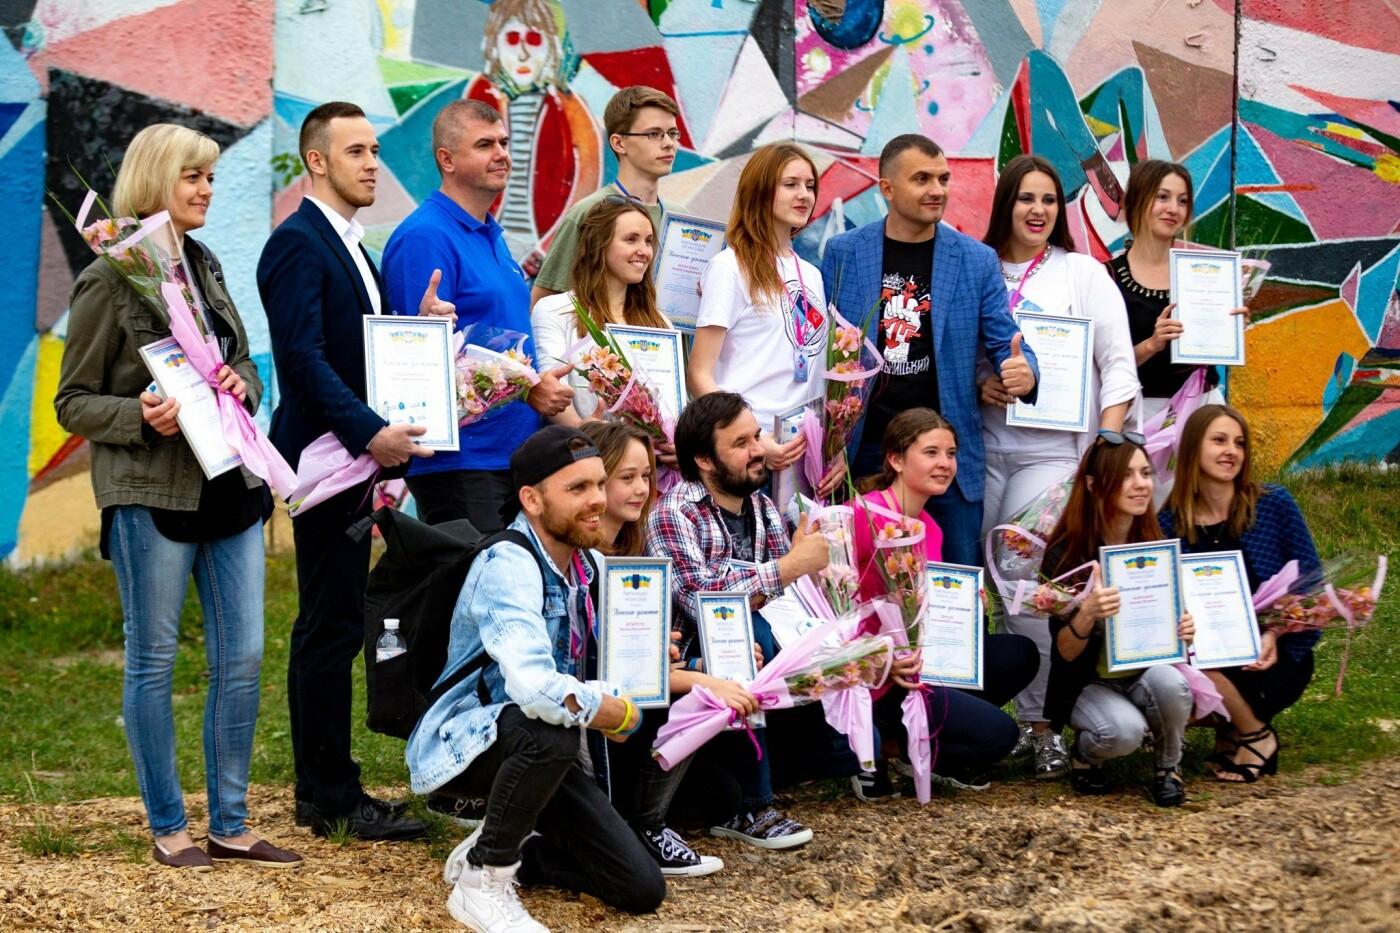 У Хмельницькому пройшов молодіжний фестиваль до Дня Молоді (фото), фото-5